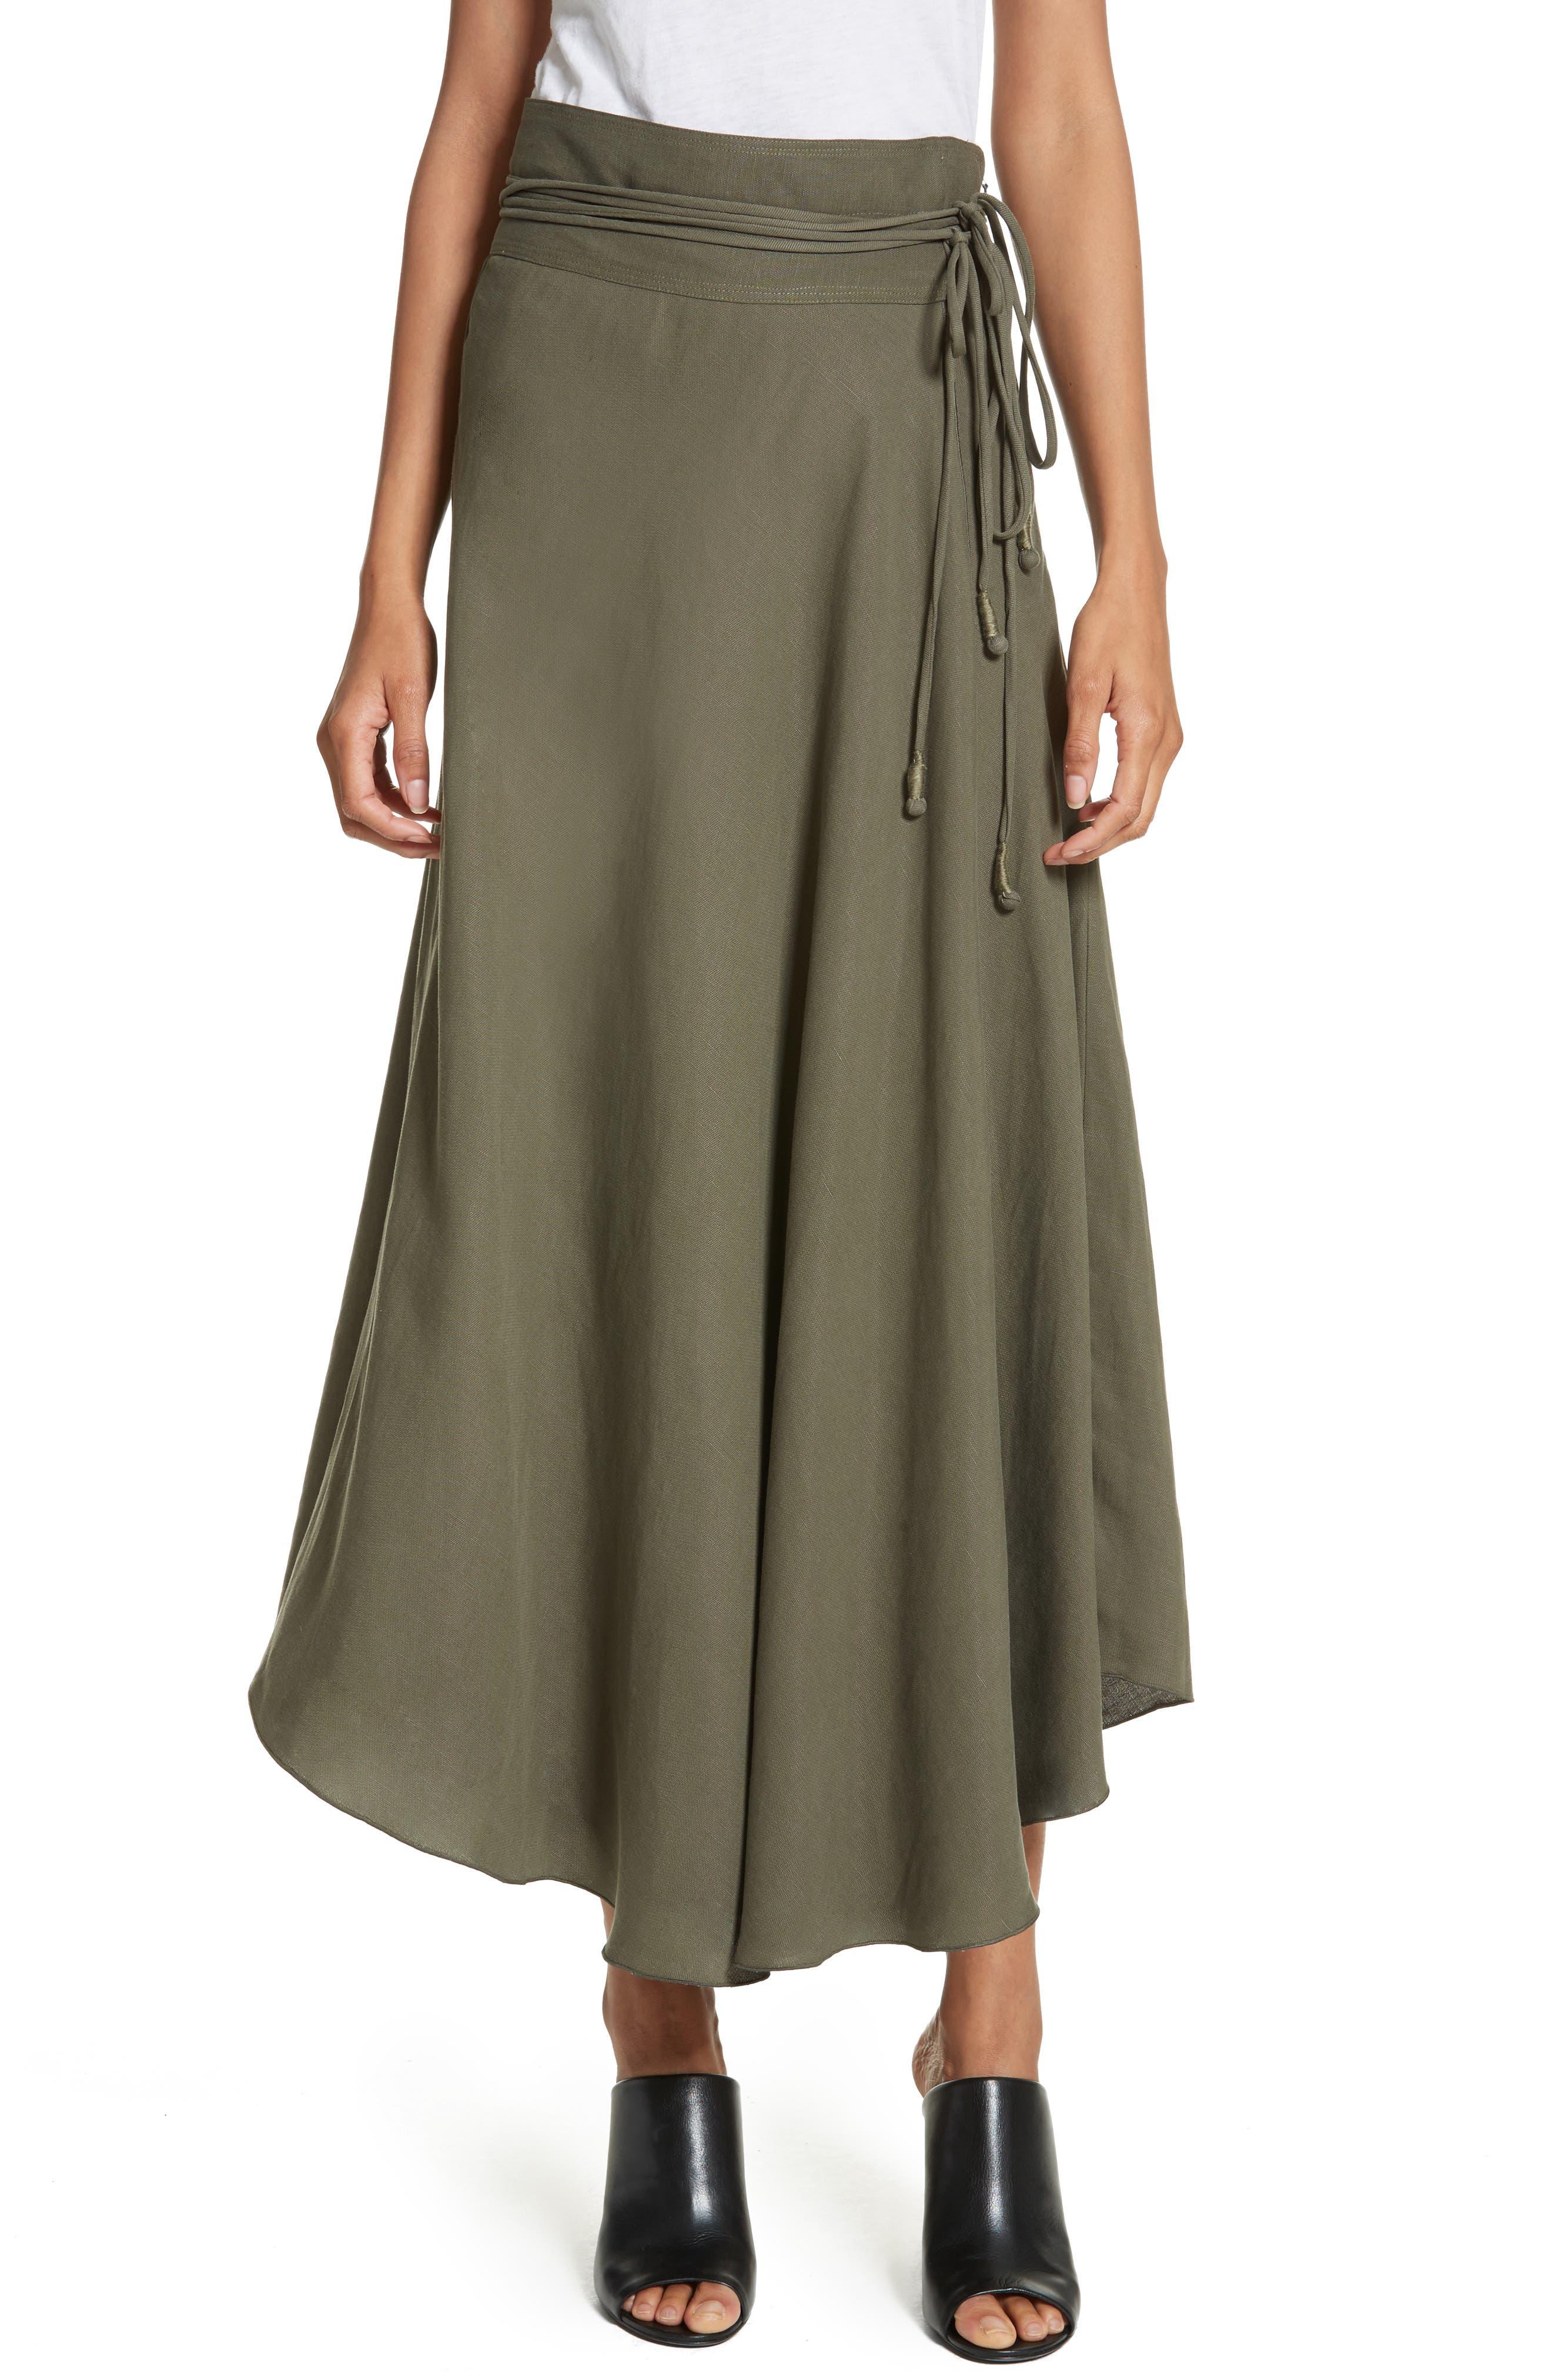 APIECE APART Rosehip Midi Skirt